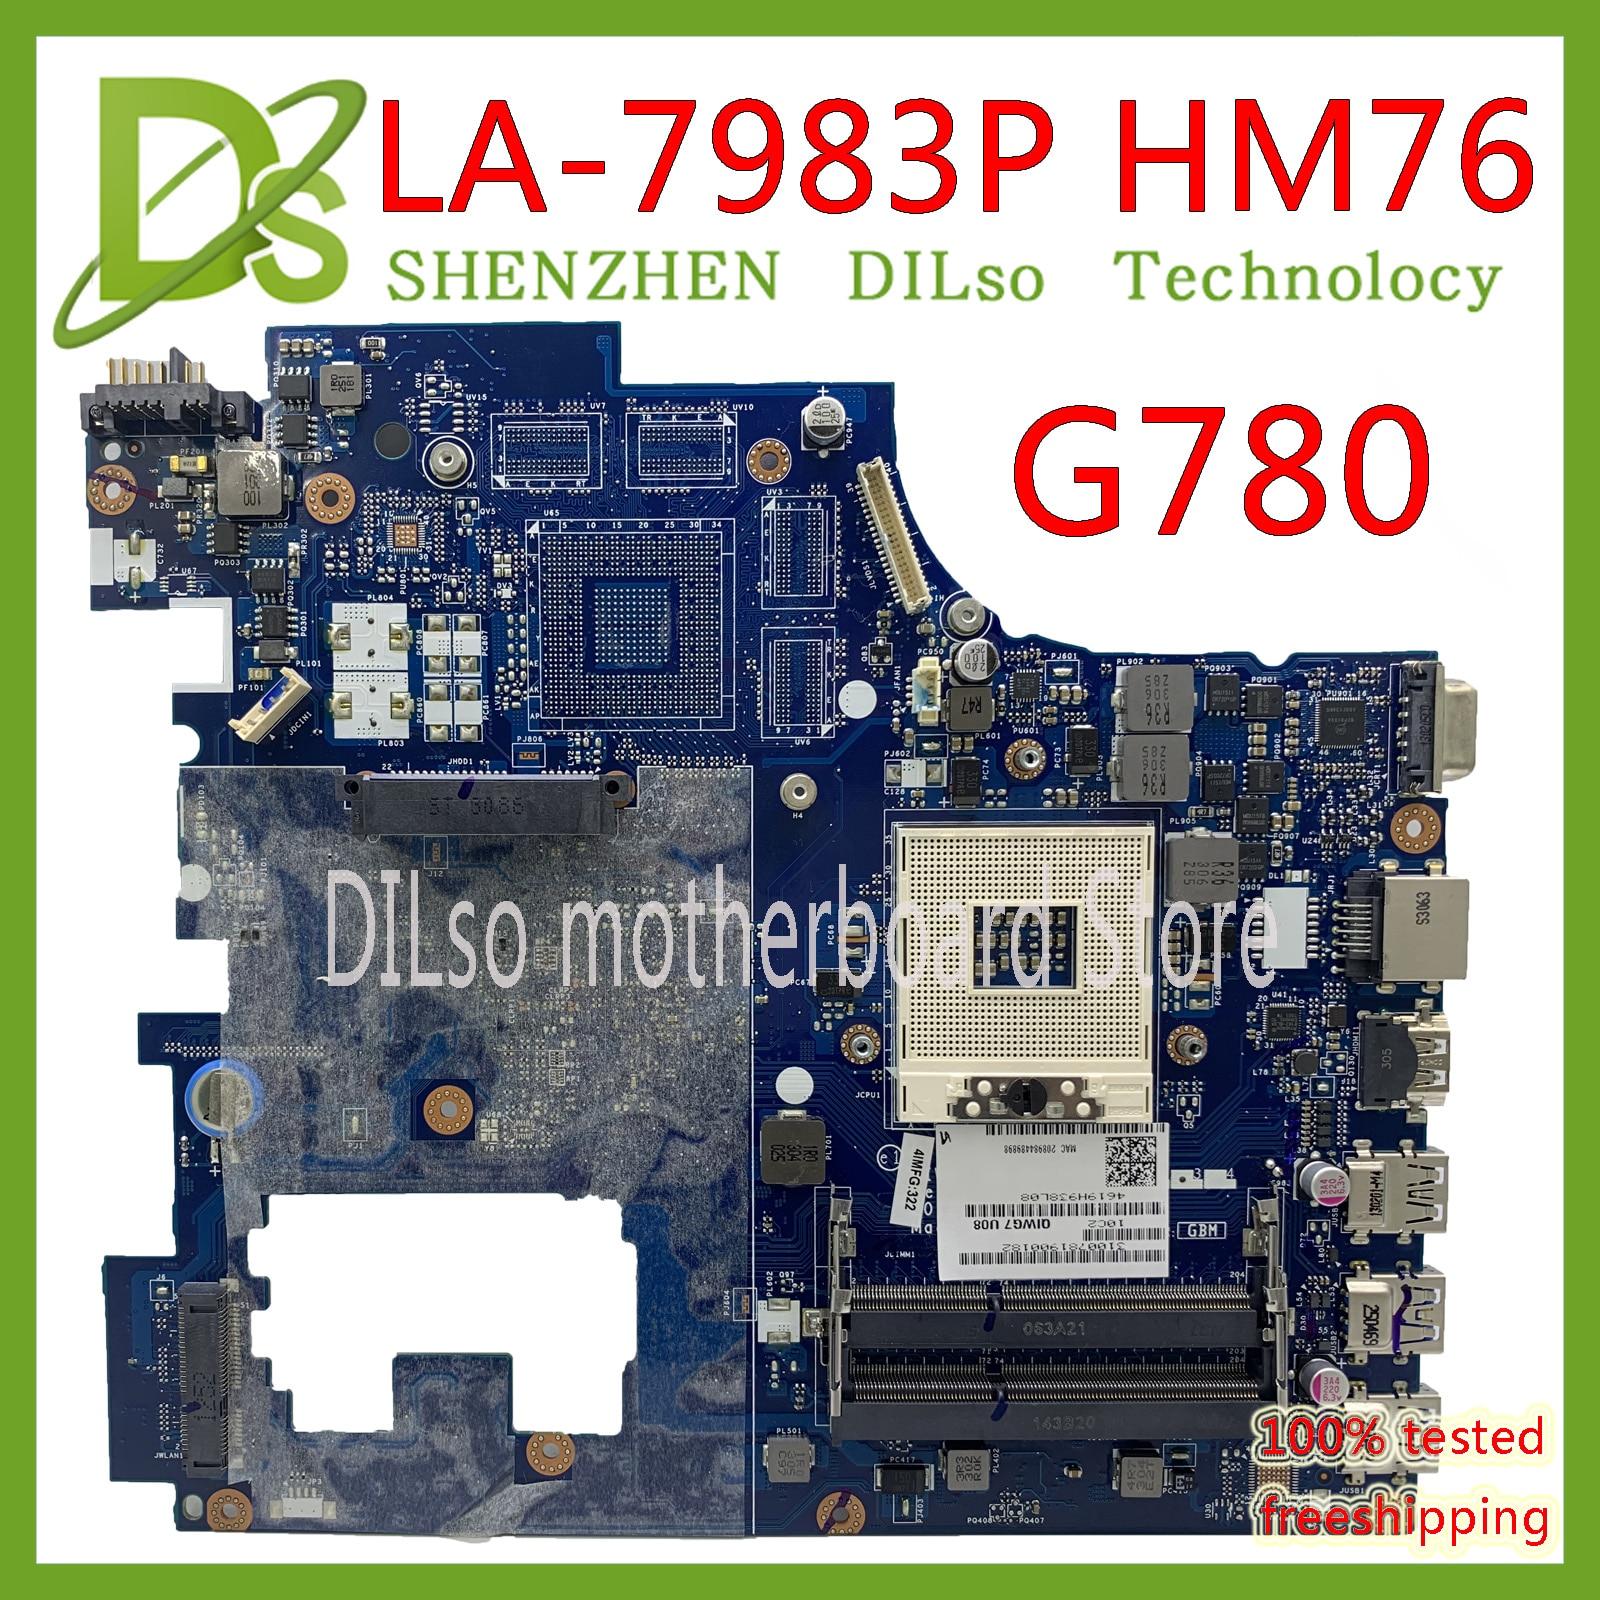 KEFU LA-7983P For Lenovo G780 For Lenovo QIWG7 LA-7983P HM76 PGA989 DDR3 Motherboard Test 100% Original Motherboard